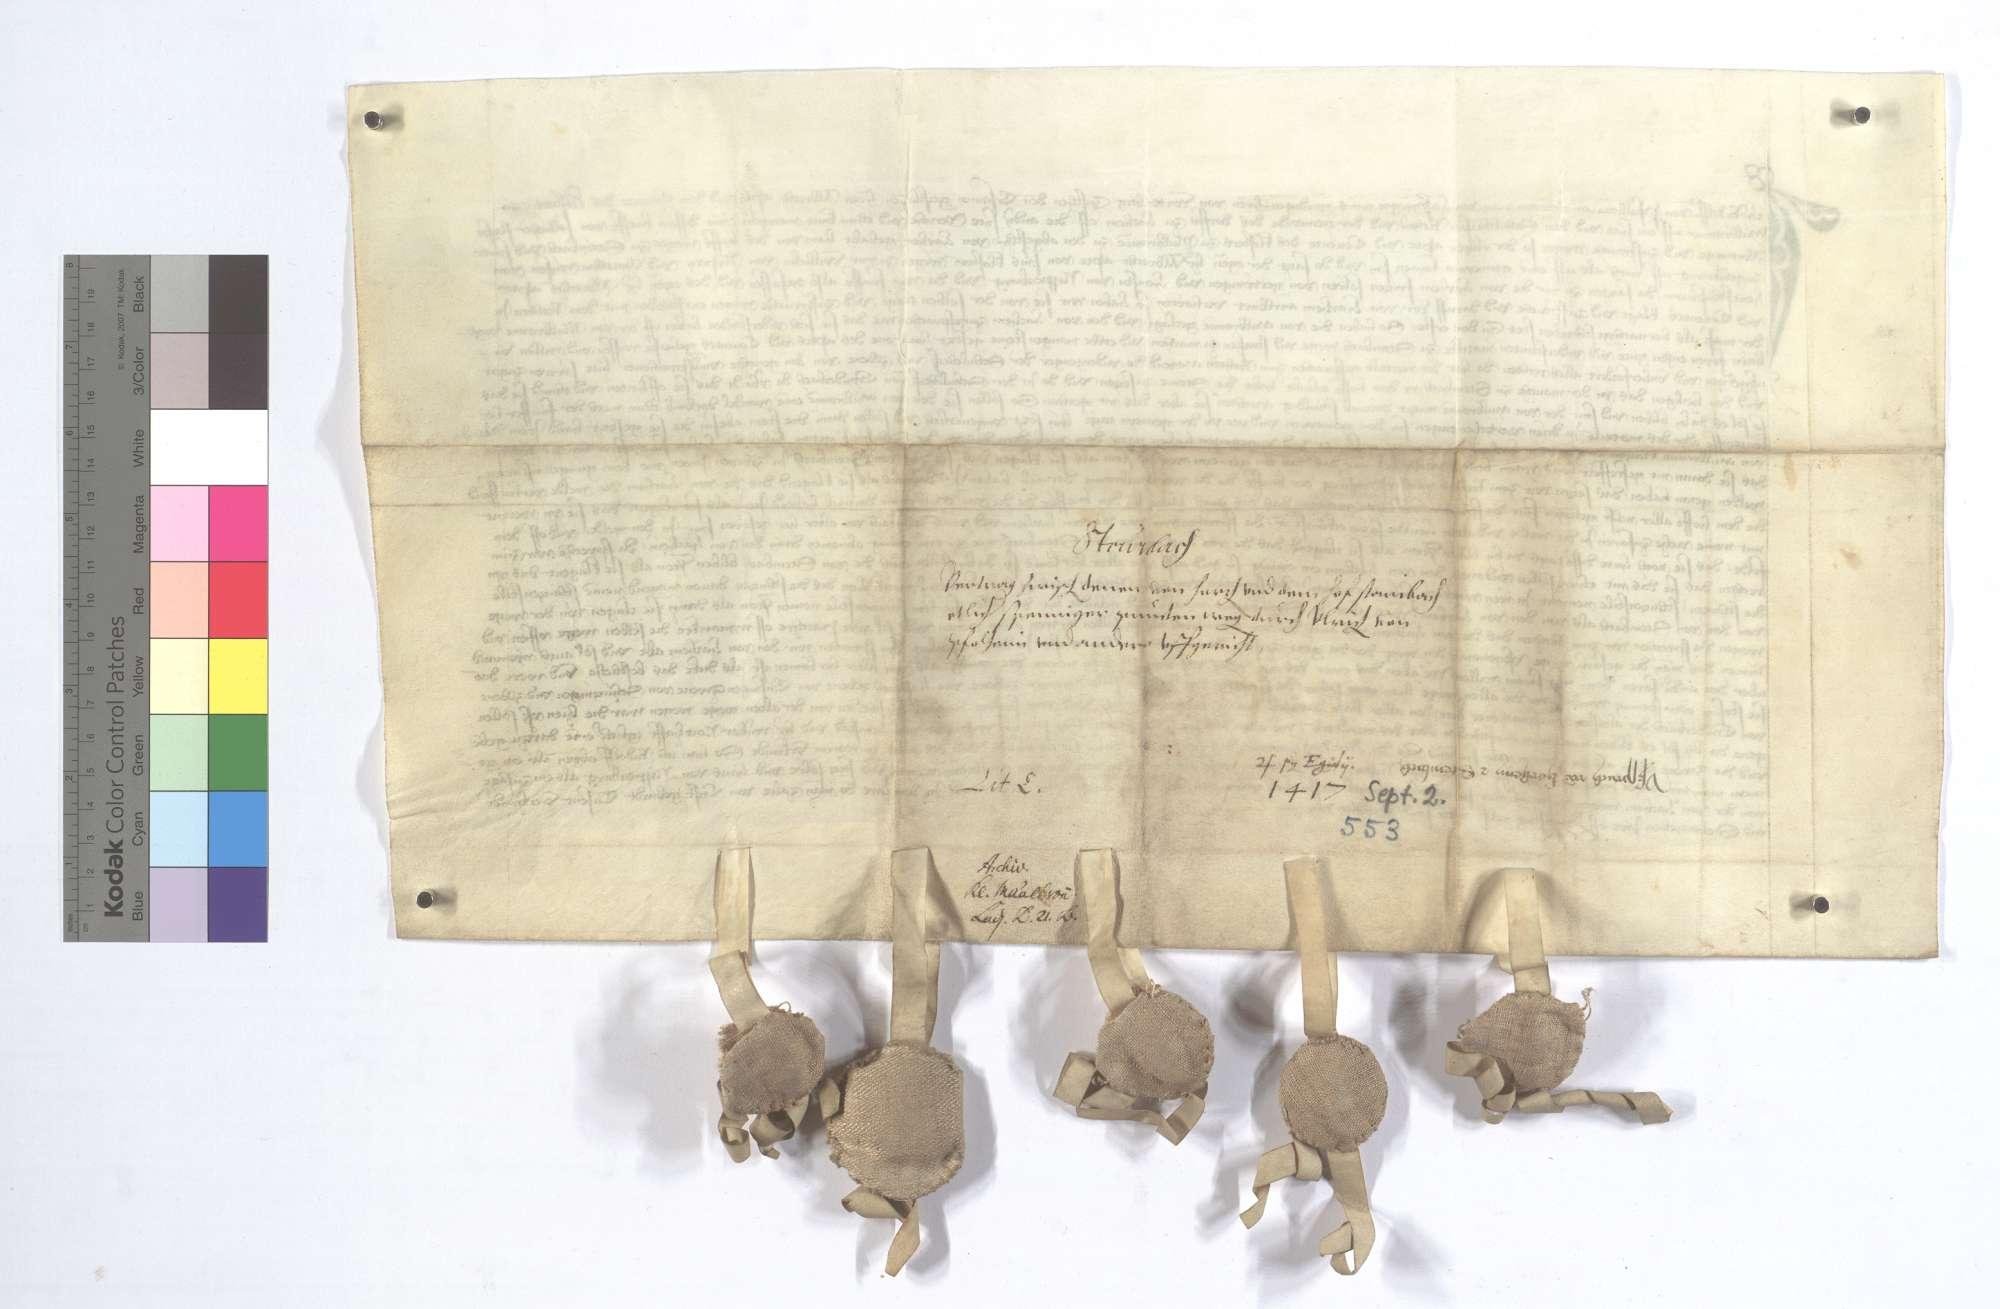 Vereinbarung (Richtung) zwischen dem Kloster Maulbronn und der Kommune Horrheim wegen des Hofs Steinbach und dessen Zugehörungen., Rückseite